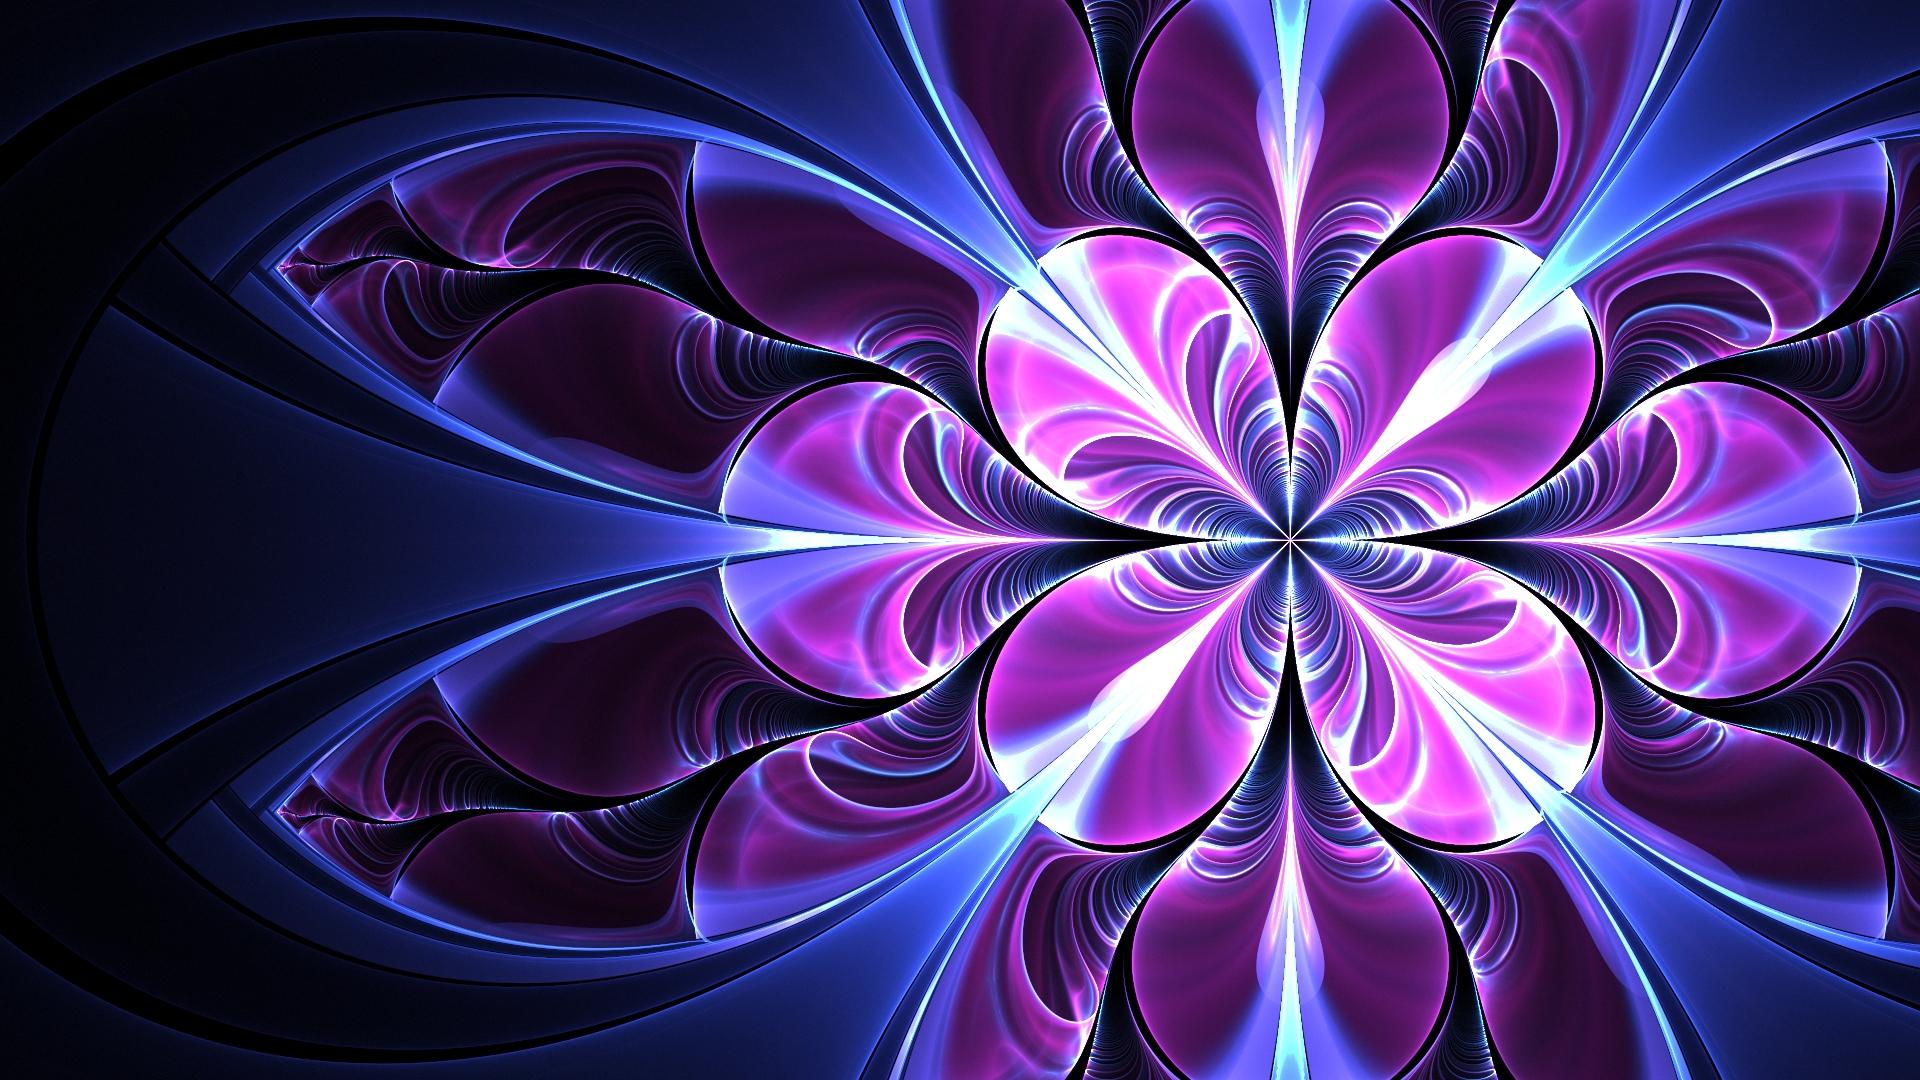 37676 скачать Фиолетовые обои на телефон бесплатно, Абстракция, Фон Фиолетовые картинки и заставки на мобильный